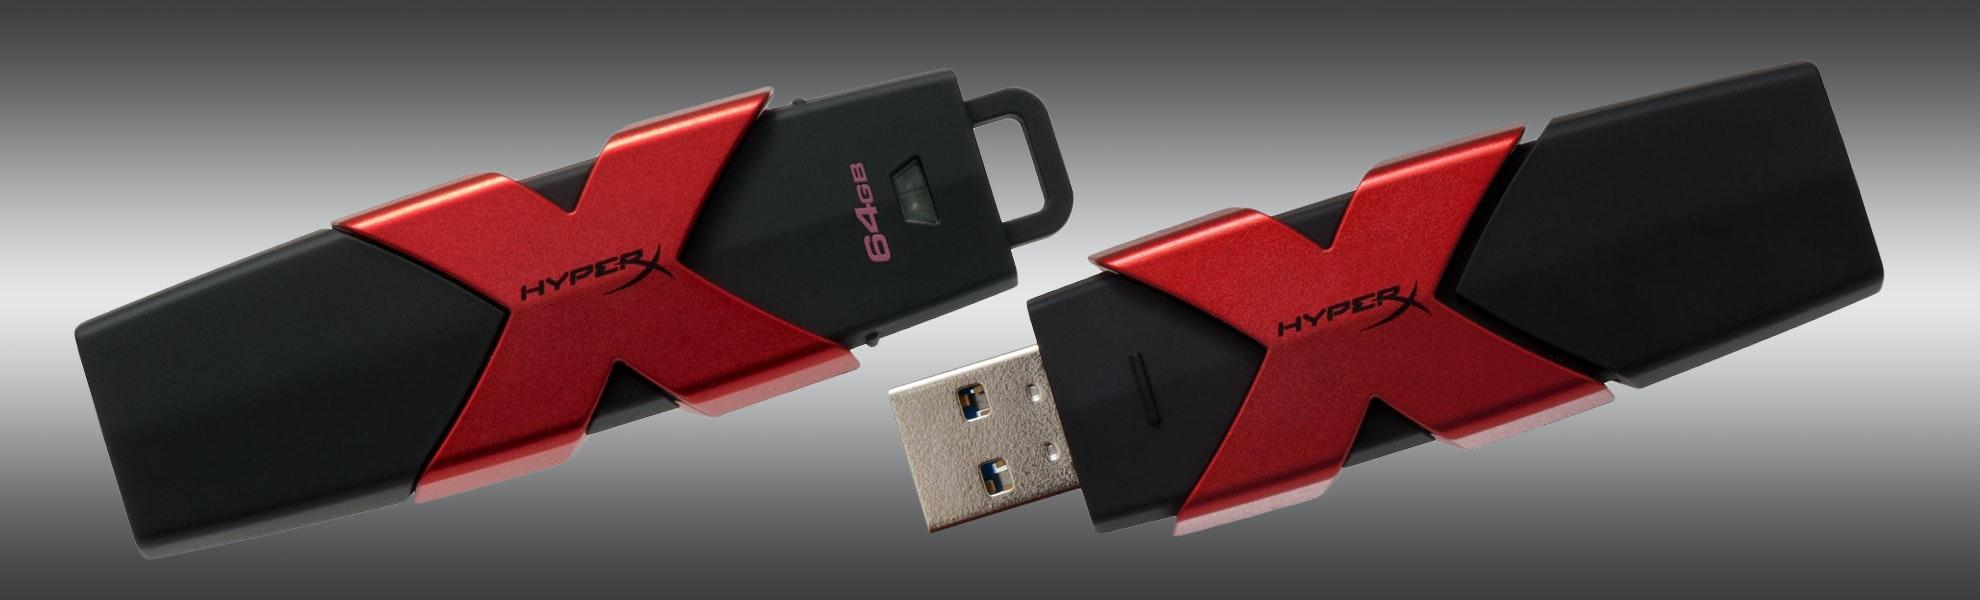 Kingston HyperX Savage 64GB/128GB USB 3.0 Drive